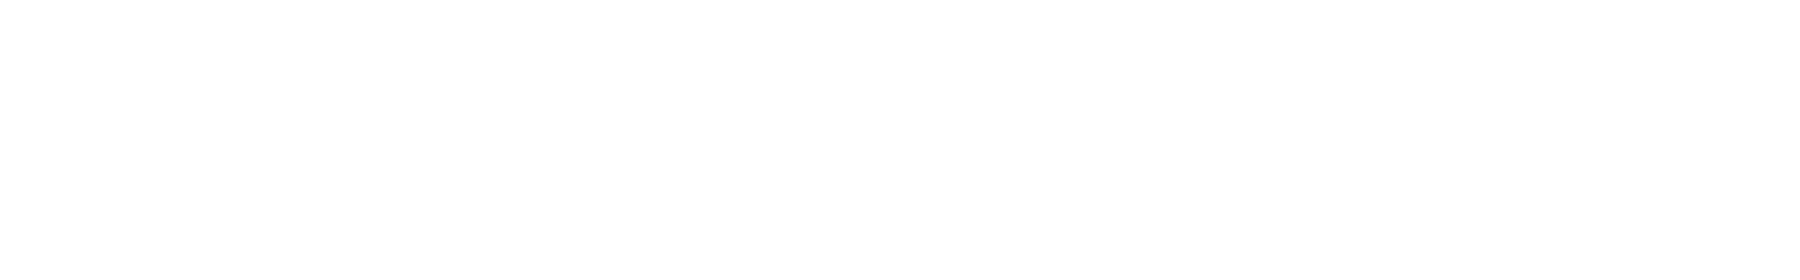 str fx b 07 xs